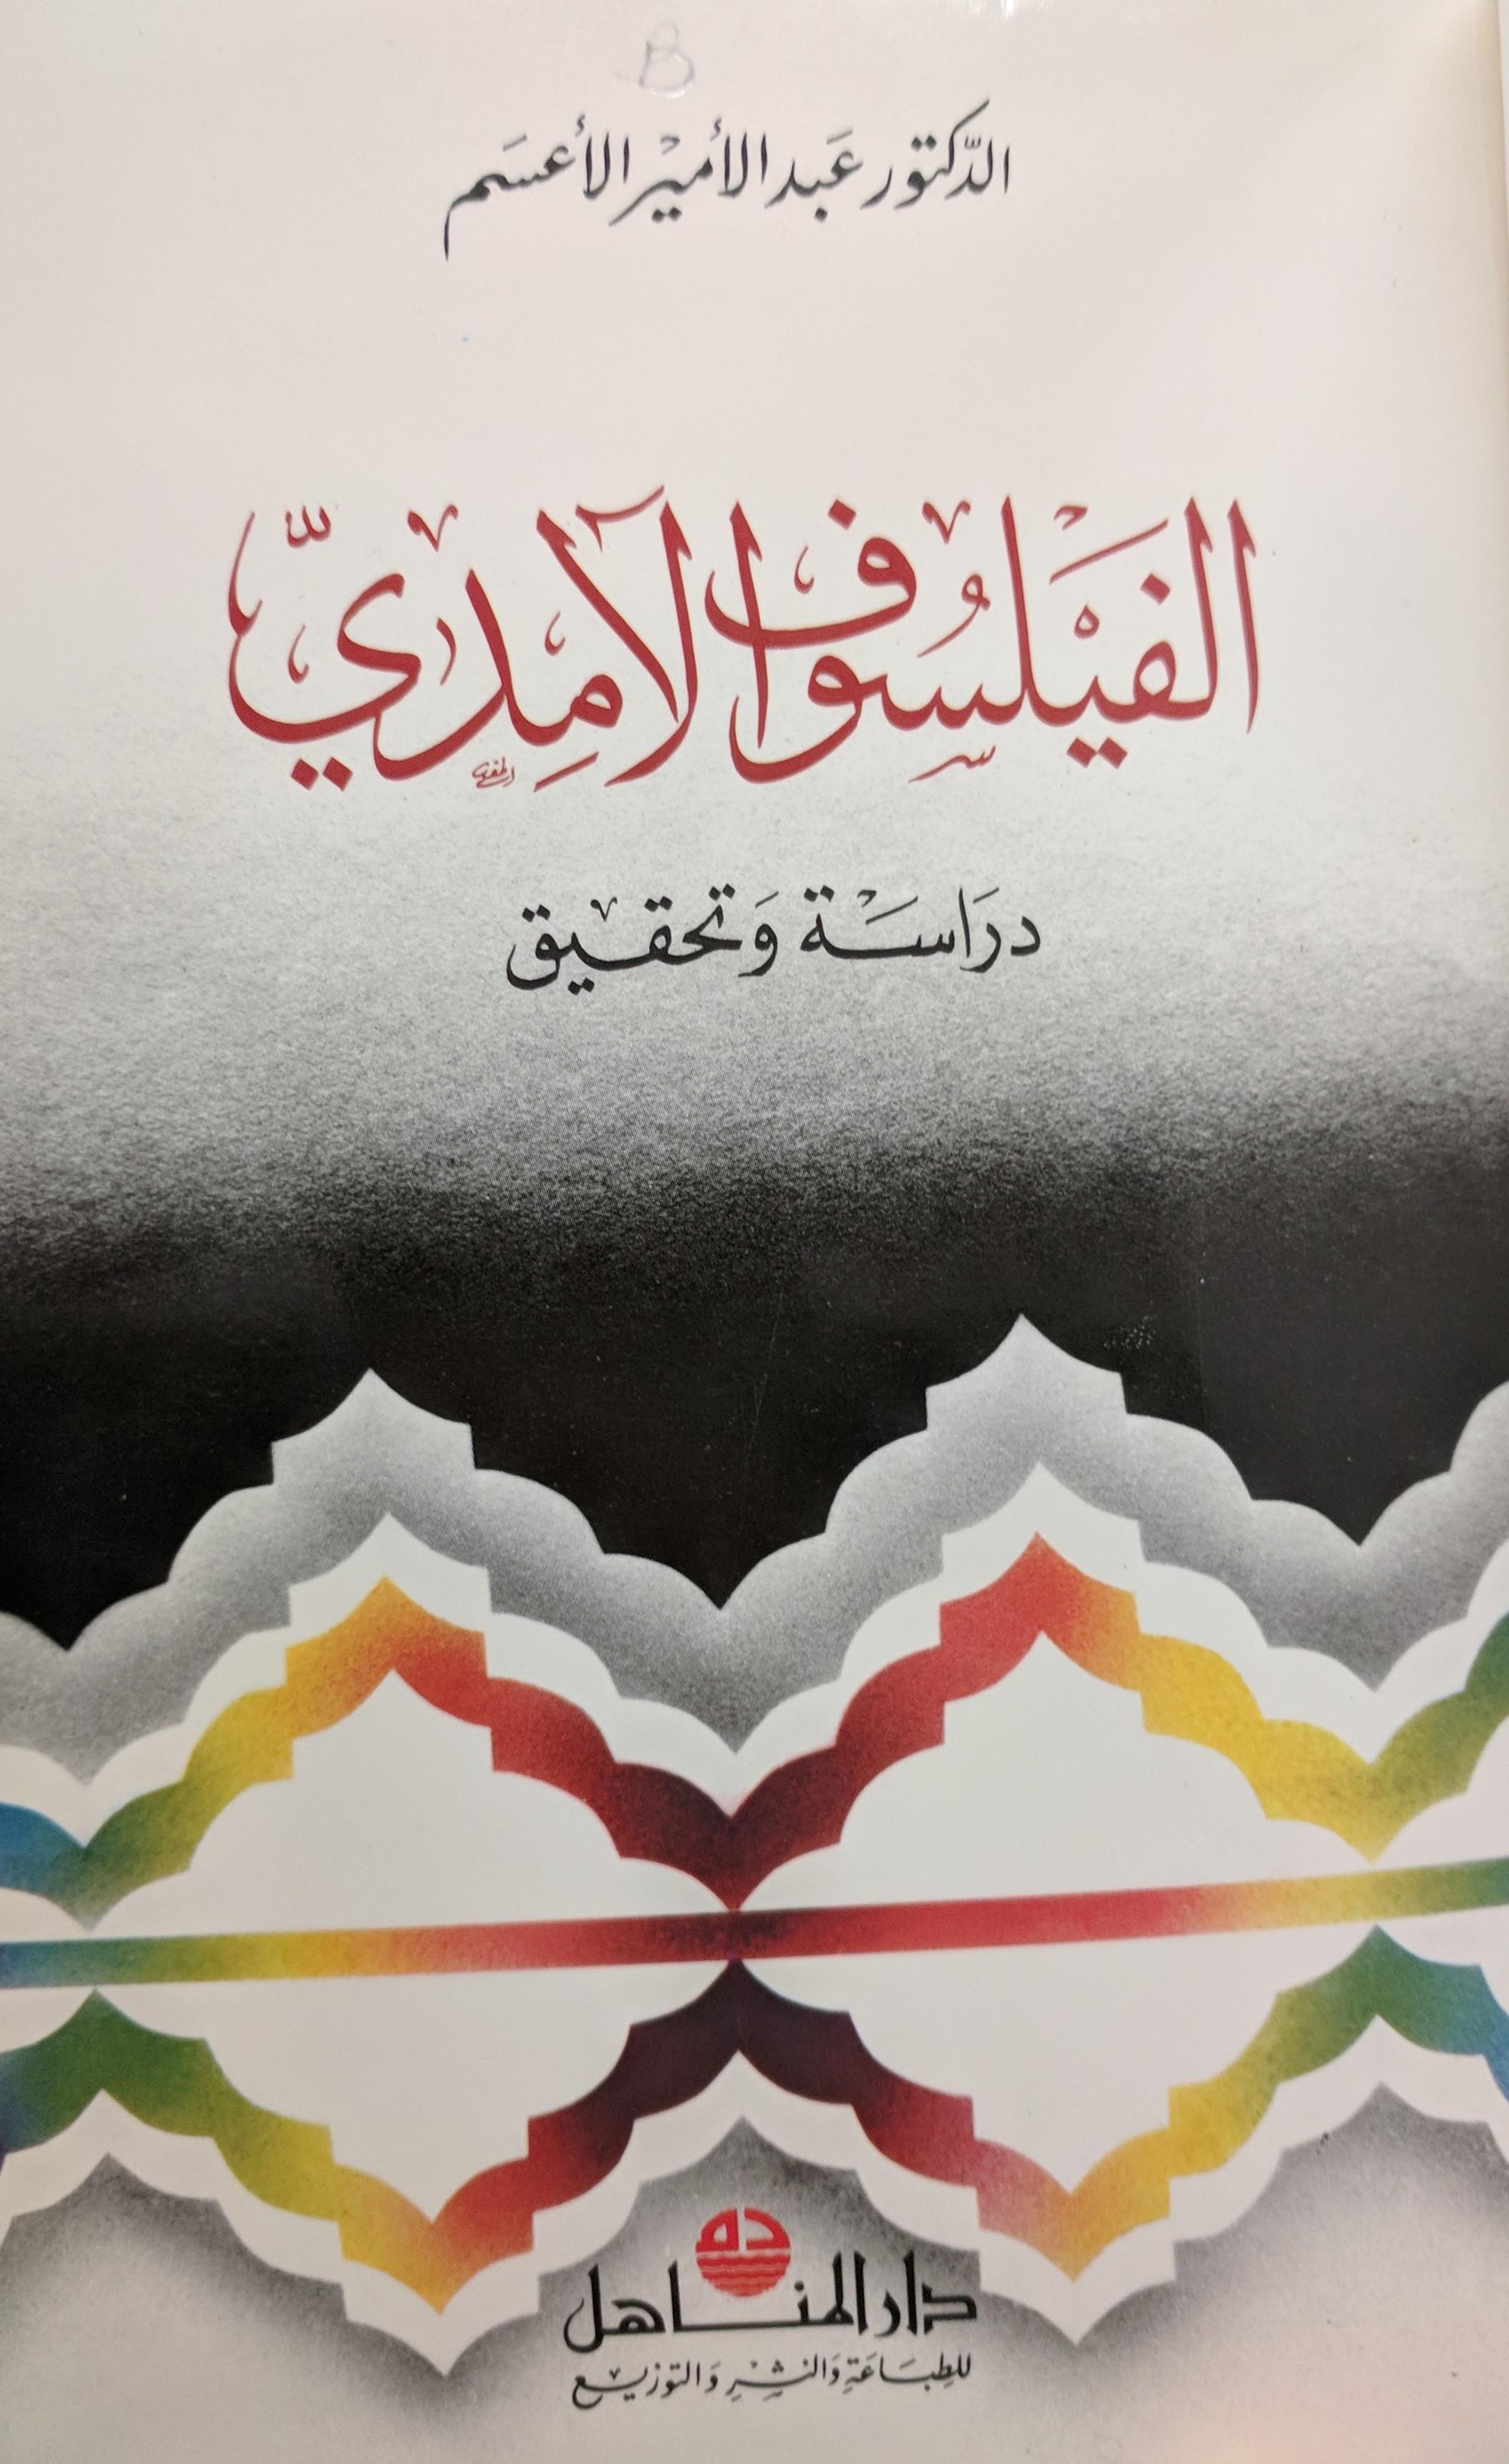 al-Faylasūf al-Āmidī , maʻa taḥqīq kitāb al-Mubīn fī sharḥ alfāẓ al-ḥukamā' wa-l-mutakallimīn, ḥaqqaqahu wa-qaddama la-hu wa-ʻallaqa ʻalayhi ʻAbd al-Amīr al-Aʻsam (Bayrūt: Dār al-Manāhil, 1987)